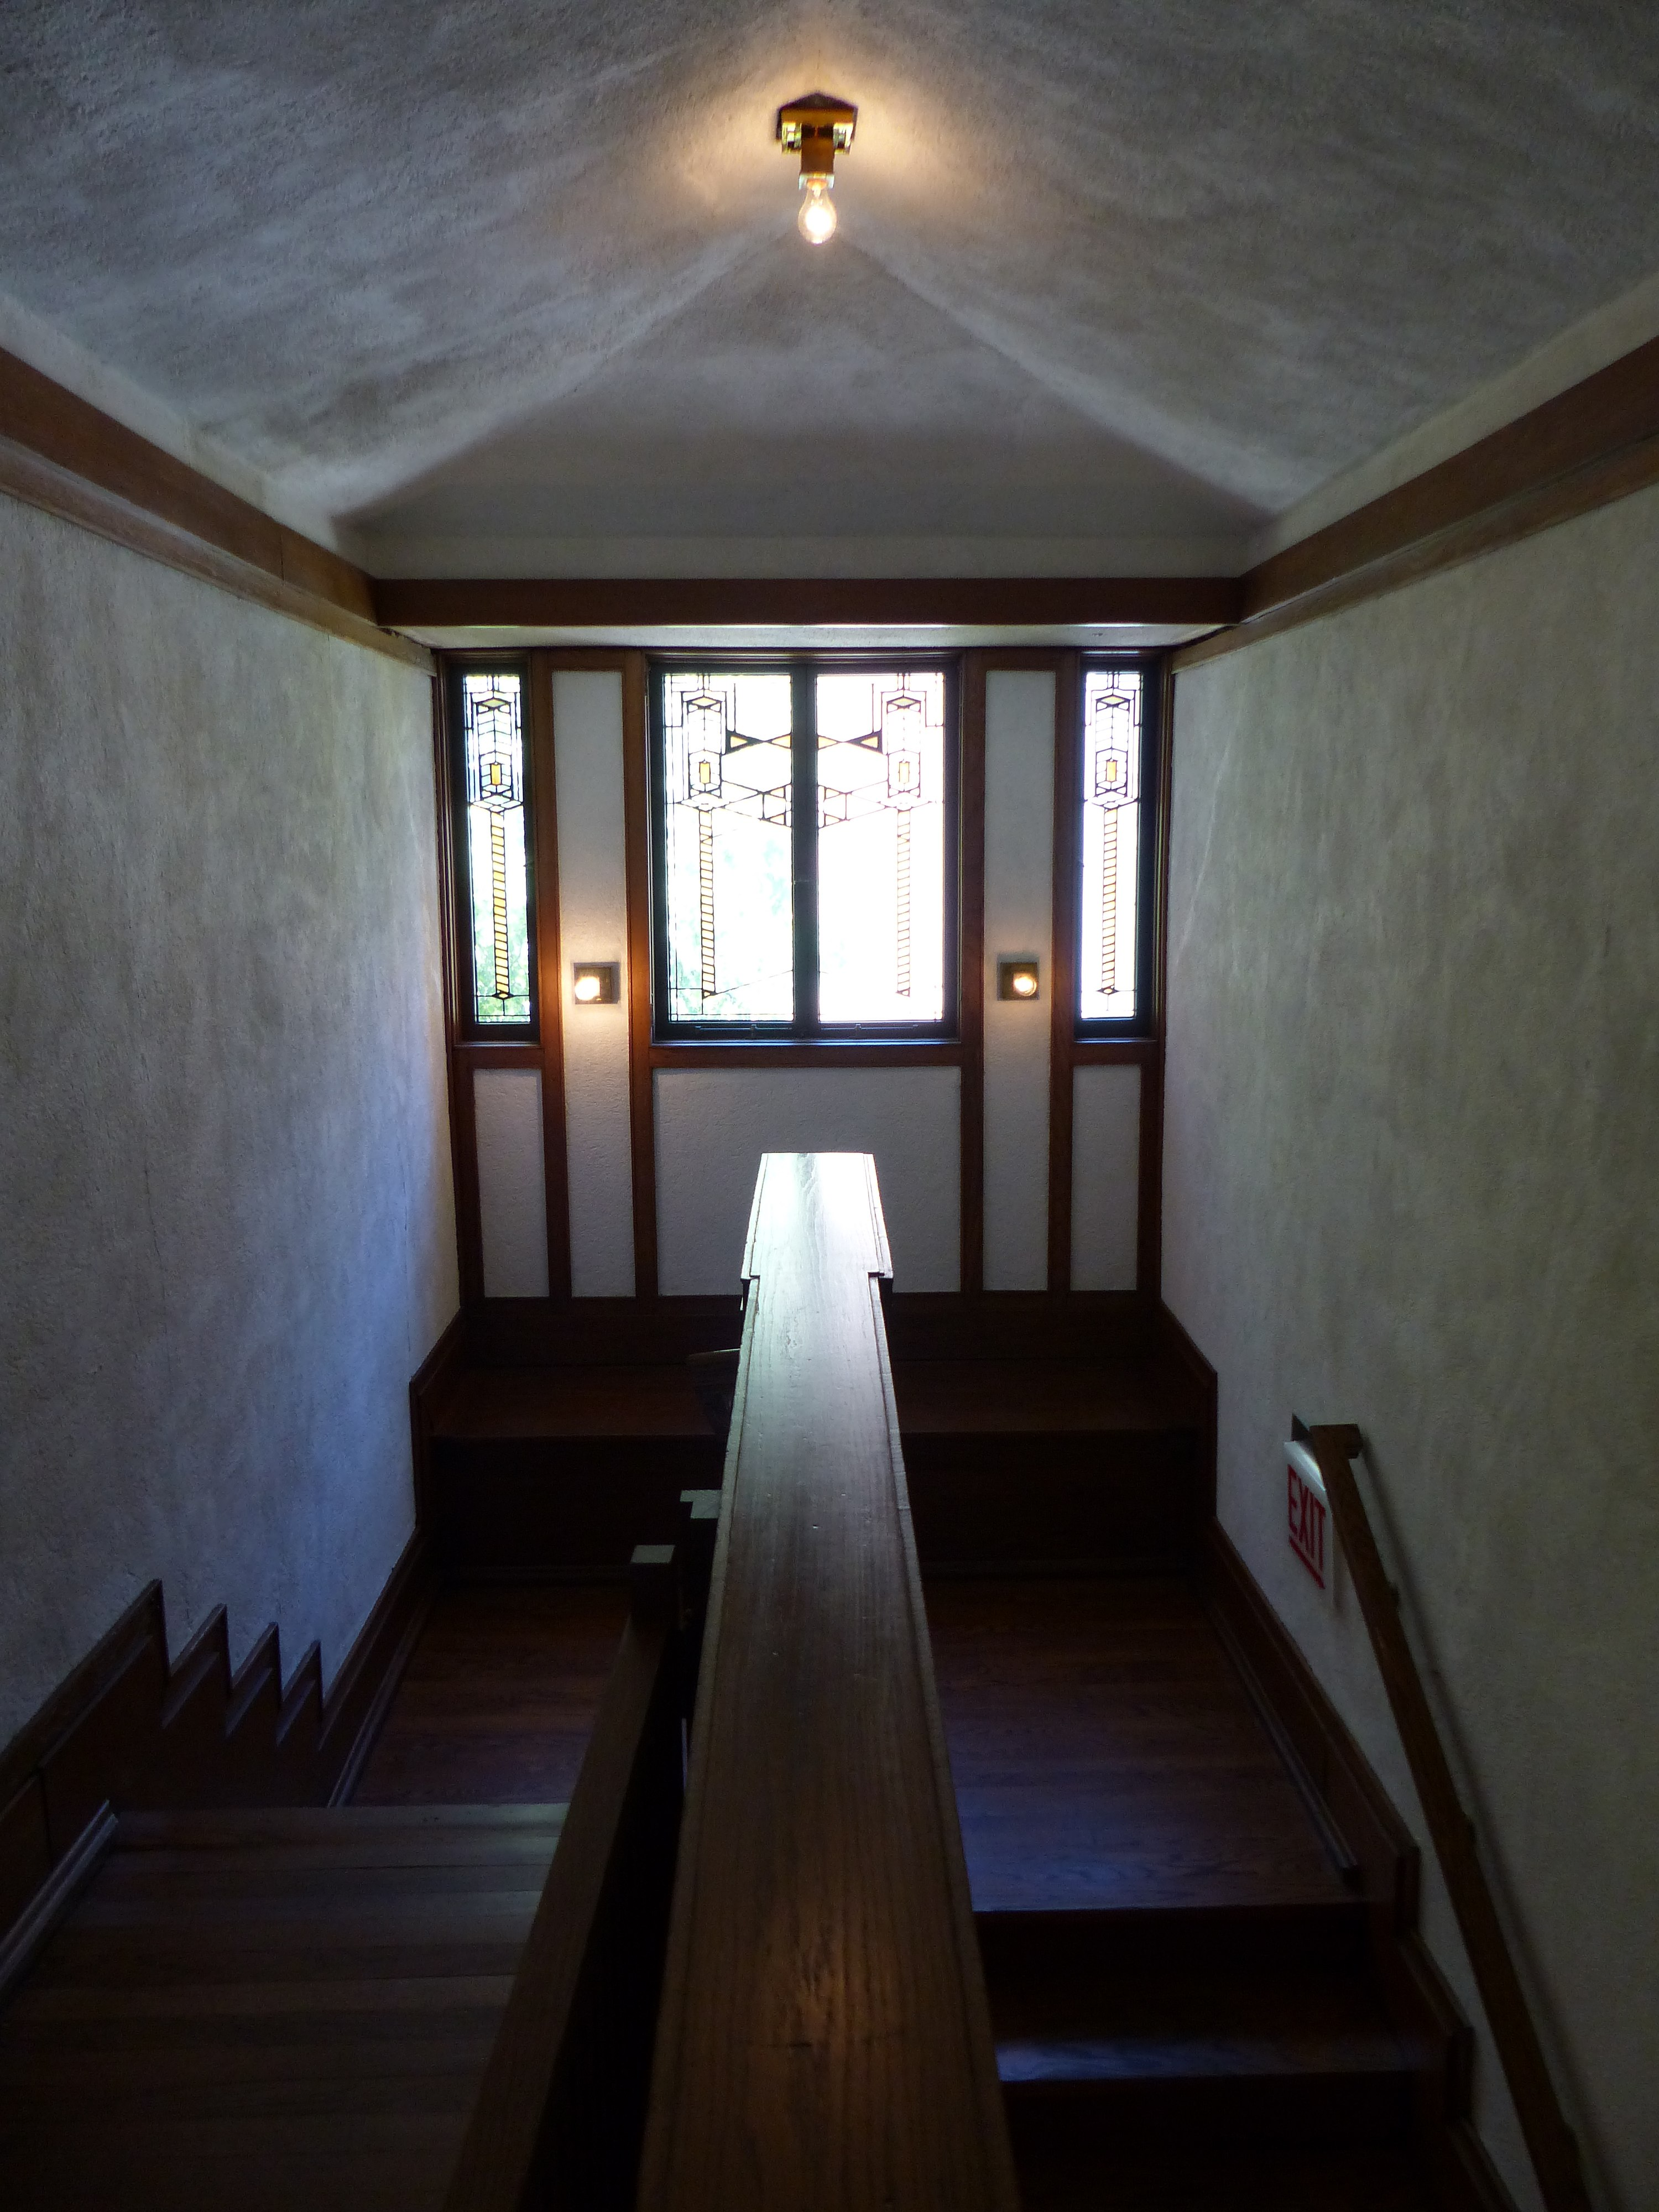 File:Robie House Interior 05